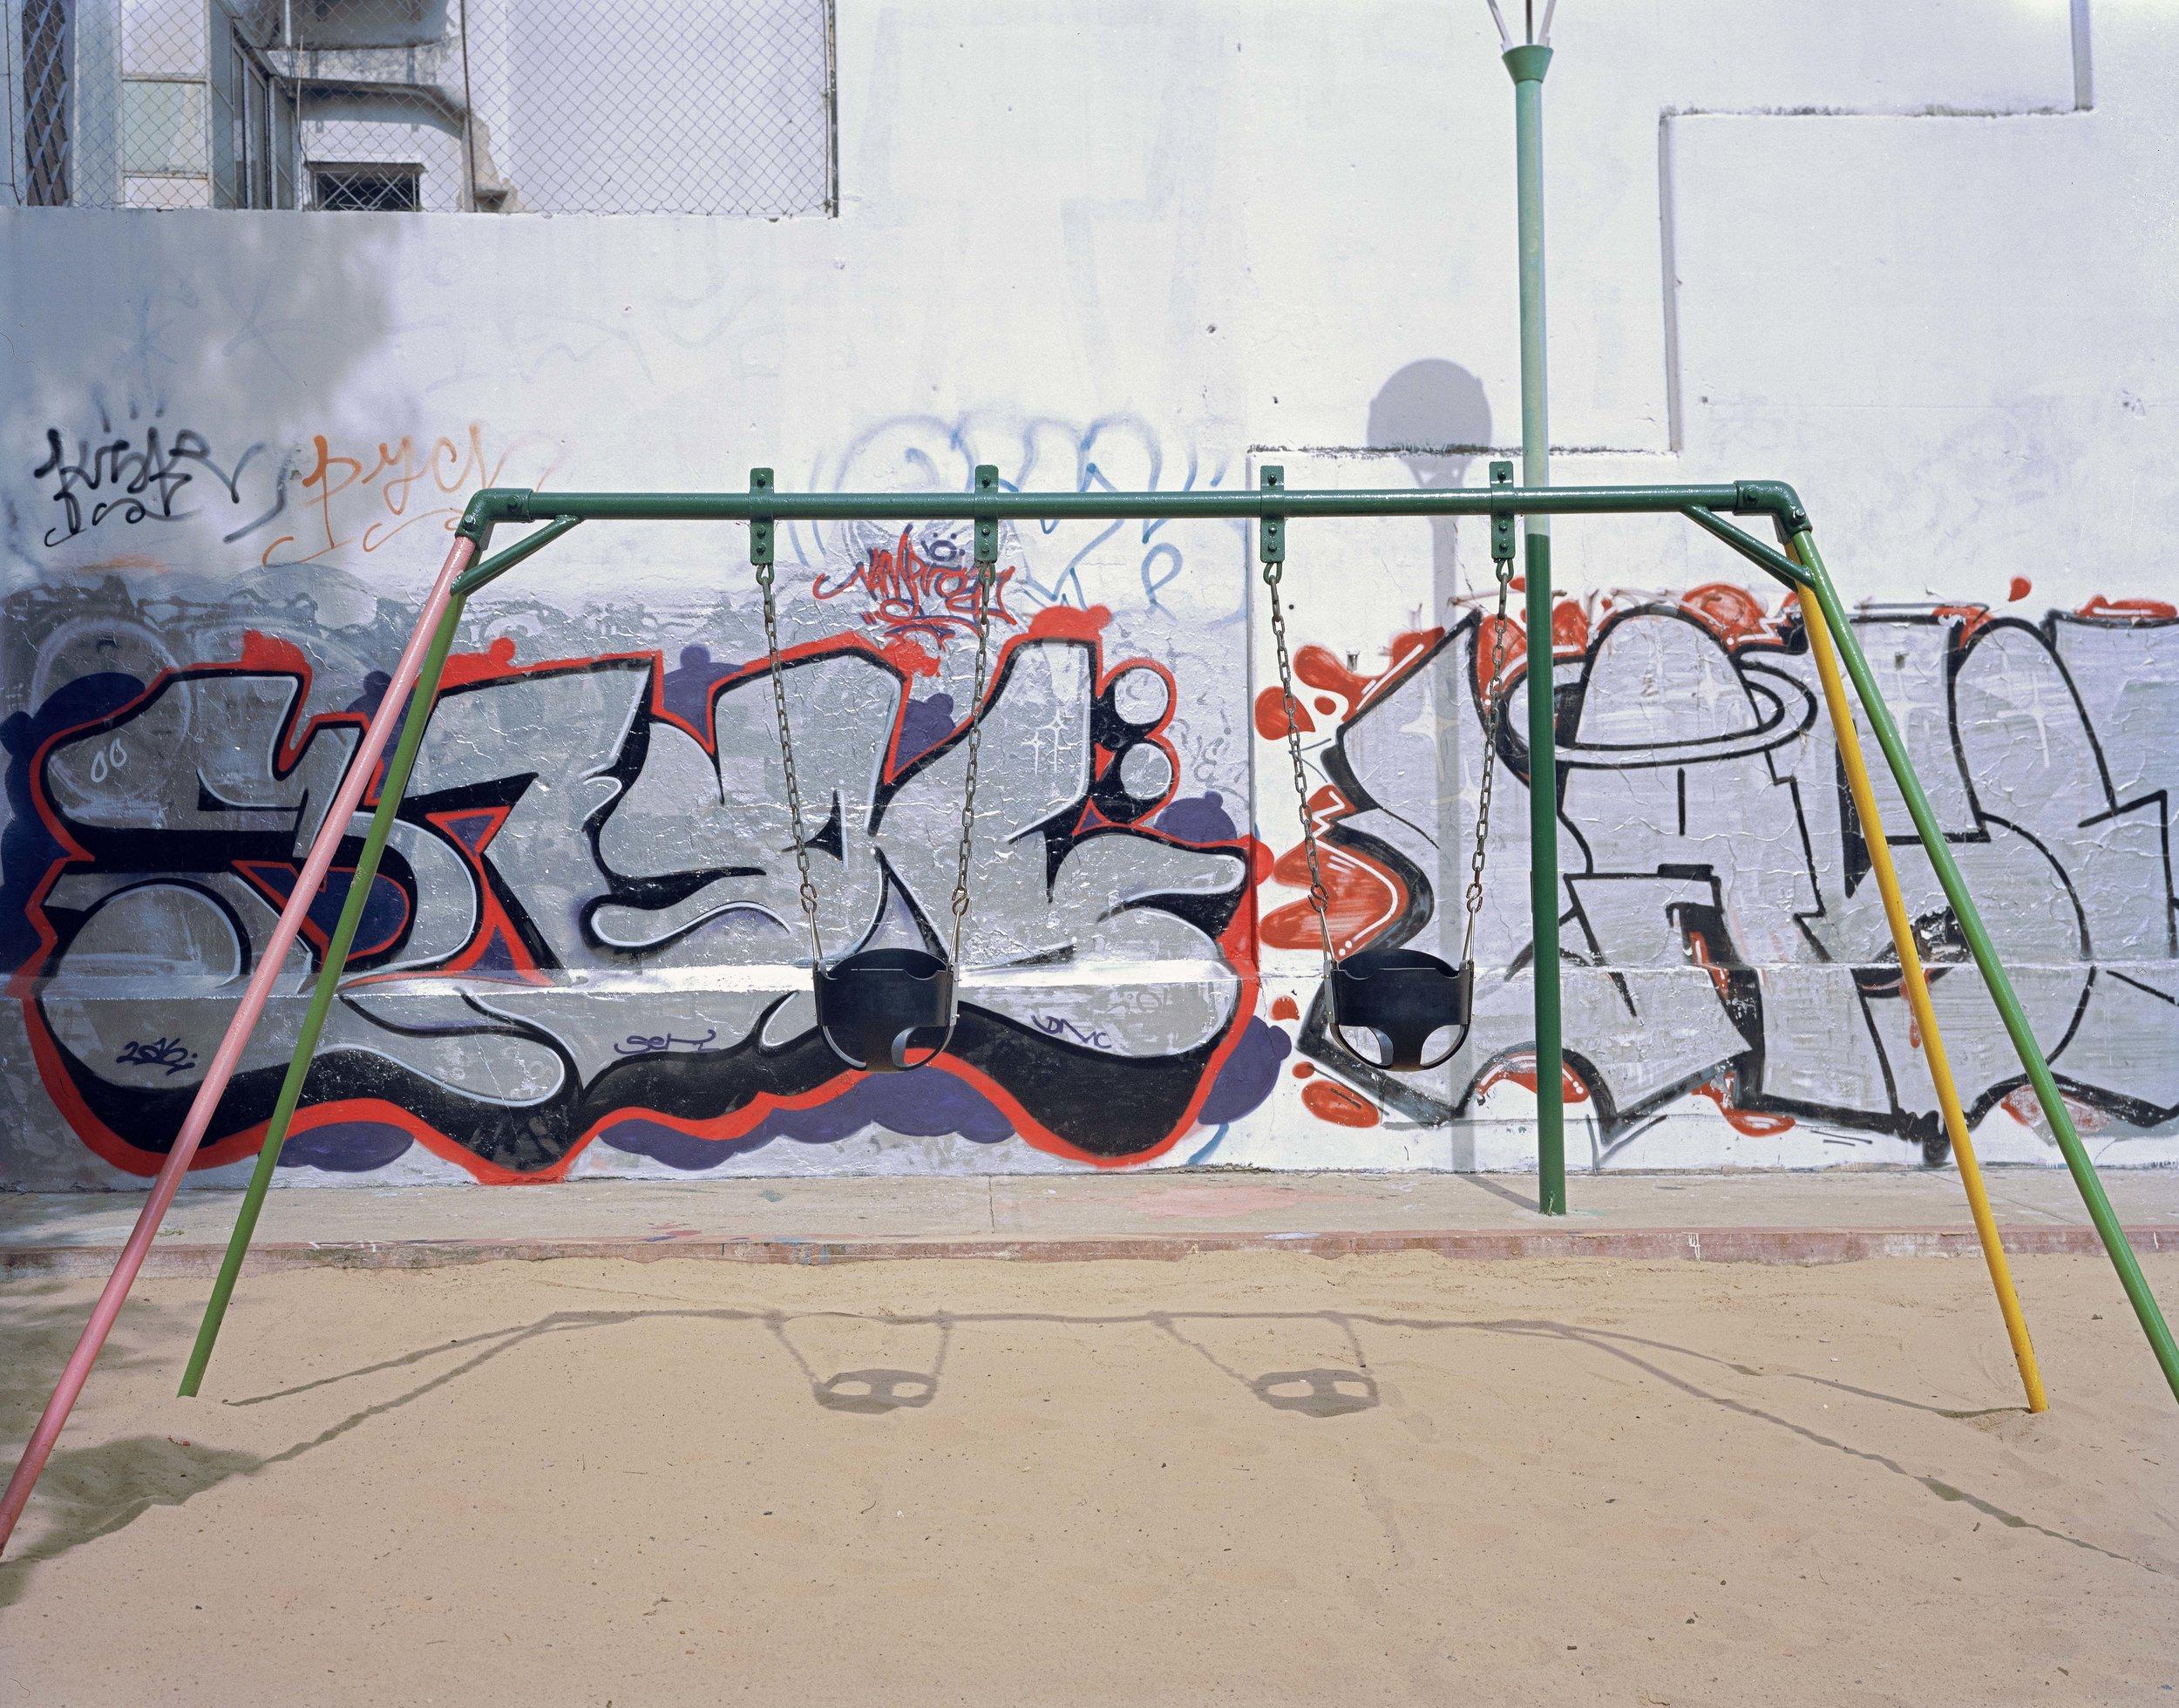 swings_edits.jpg